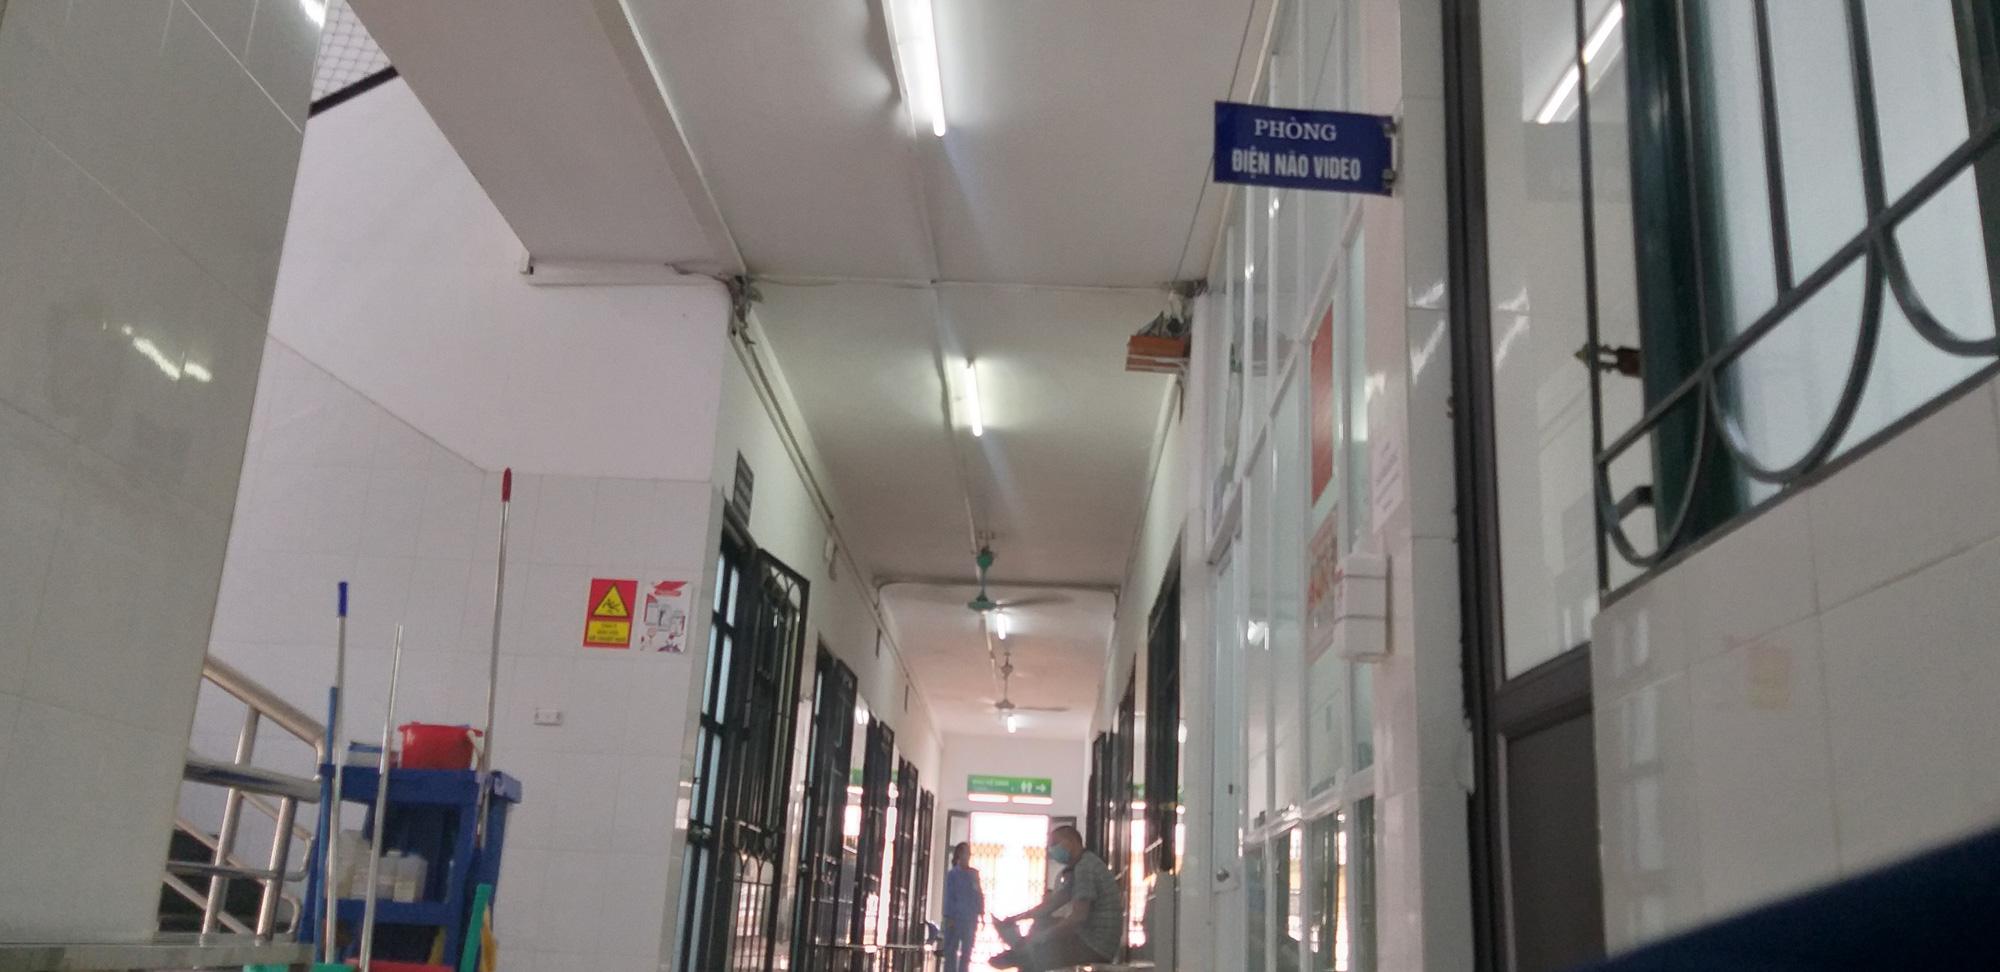 Bệnh viện Bạch Mai: Nghi vấn cắt xén thời gian điện não video cho bệnh nhân tâm thần từ 12 tiếng xuống còn 40 phút-2